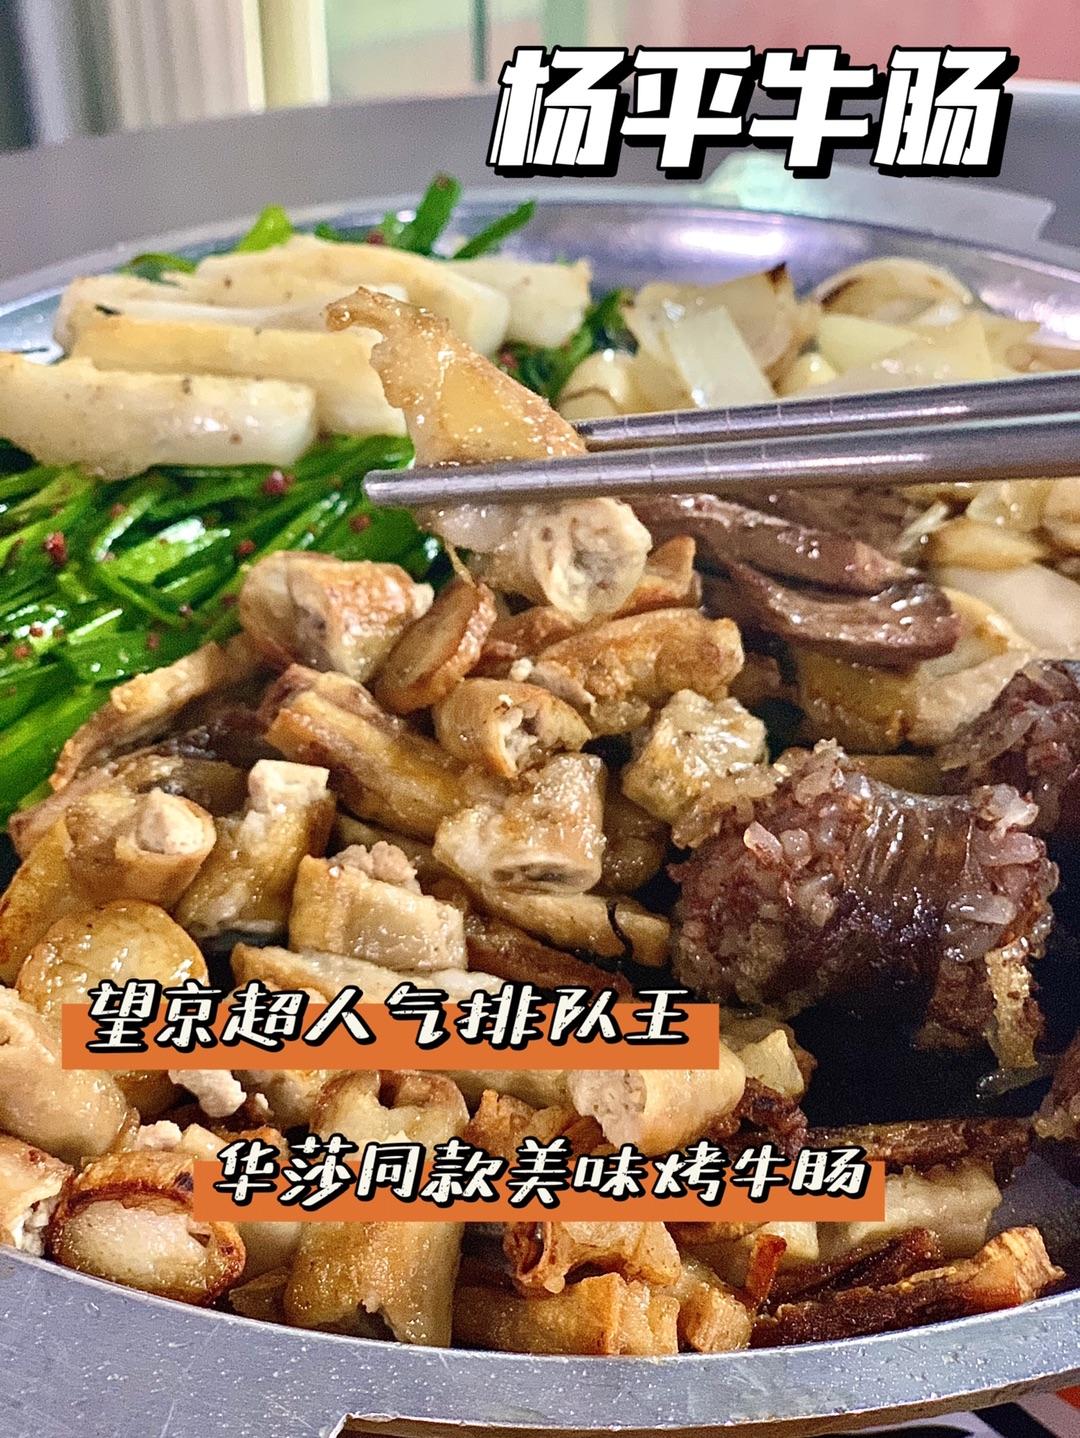 华莎同款烤牛肠开到五道口啦🌟北京探店